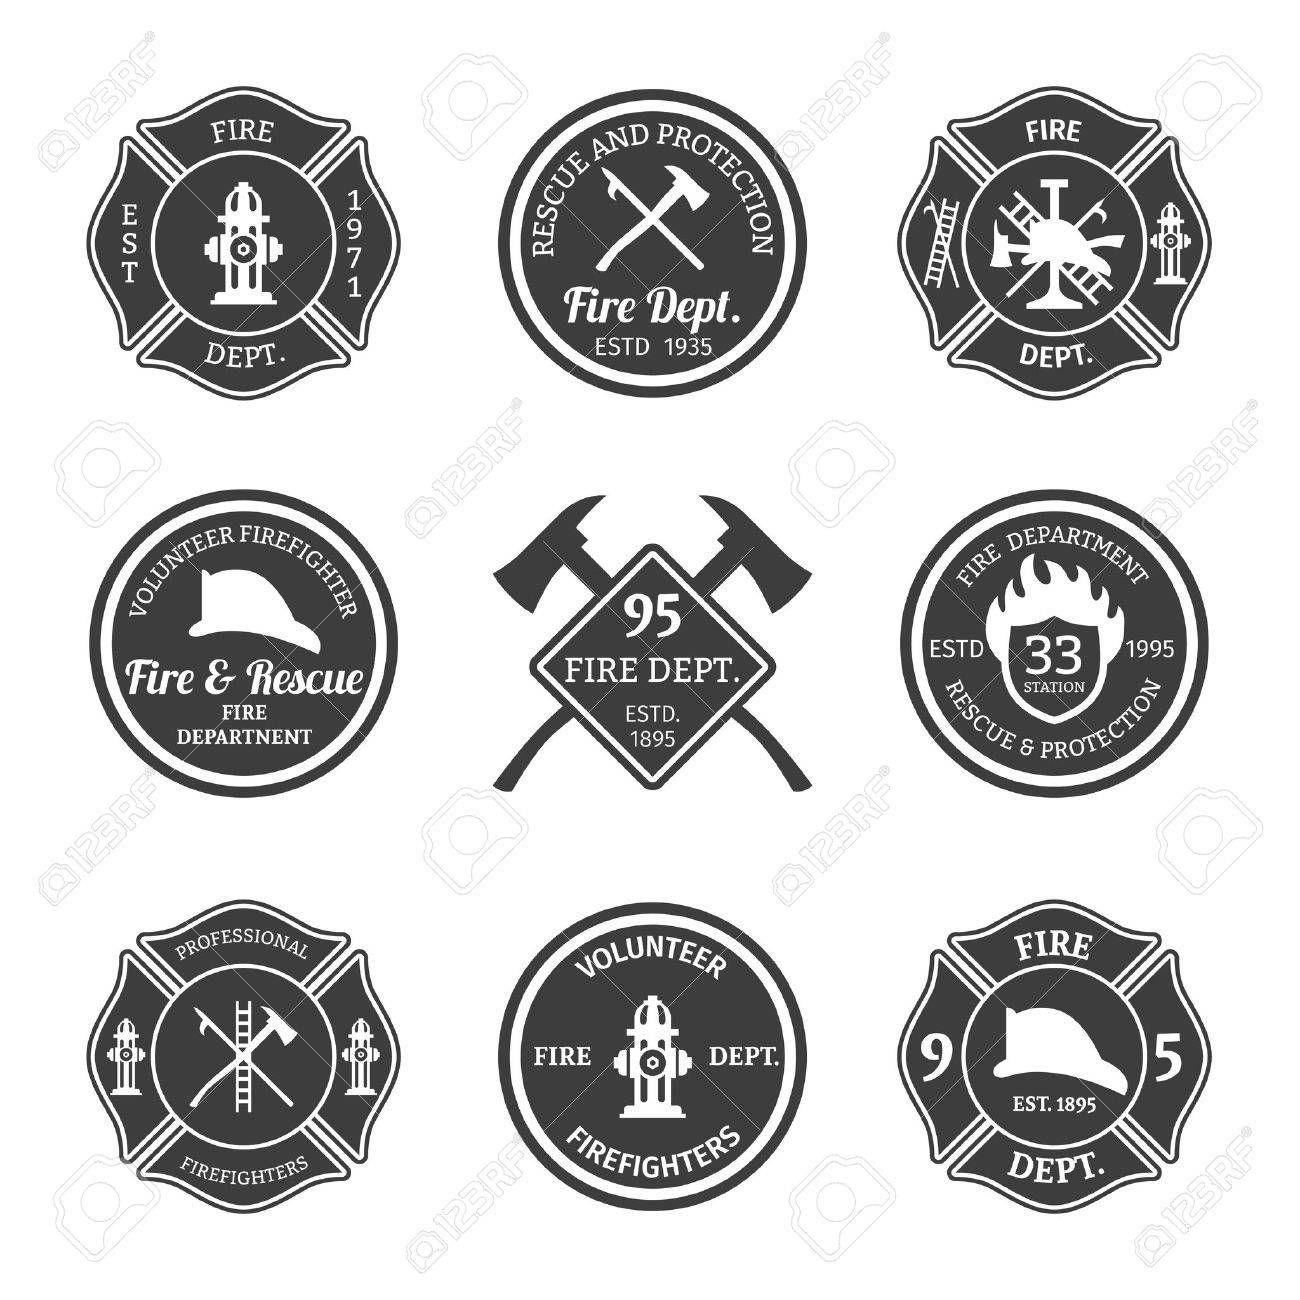 Fire Department Professional Firefighter Equipment Black Emblems Set Isolated Vector Illustration Spon Fi Feuerwehr Logo Feuerwehrmann Feuerwehr Abzeichen